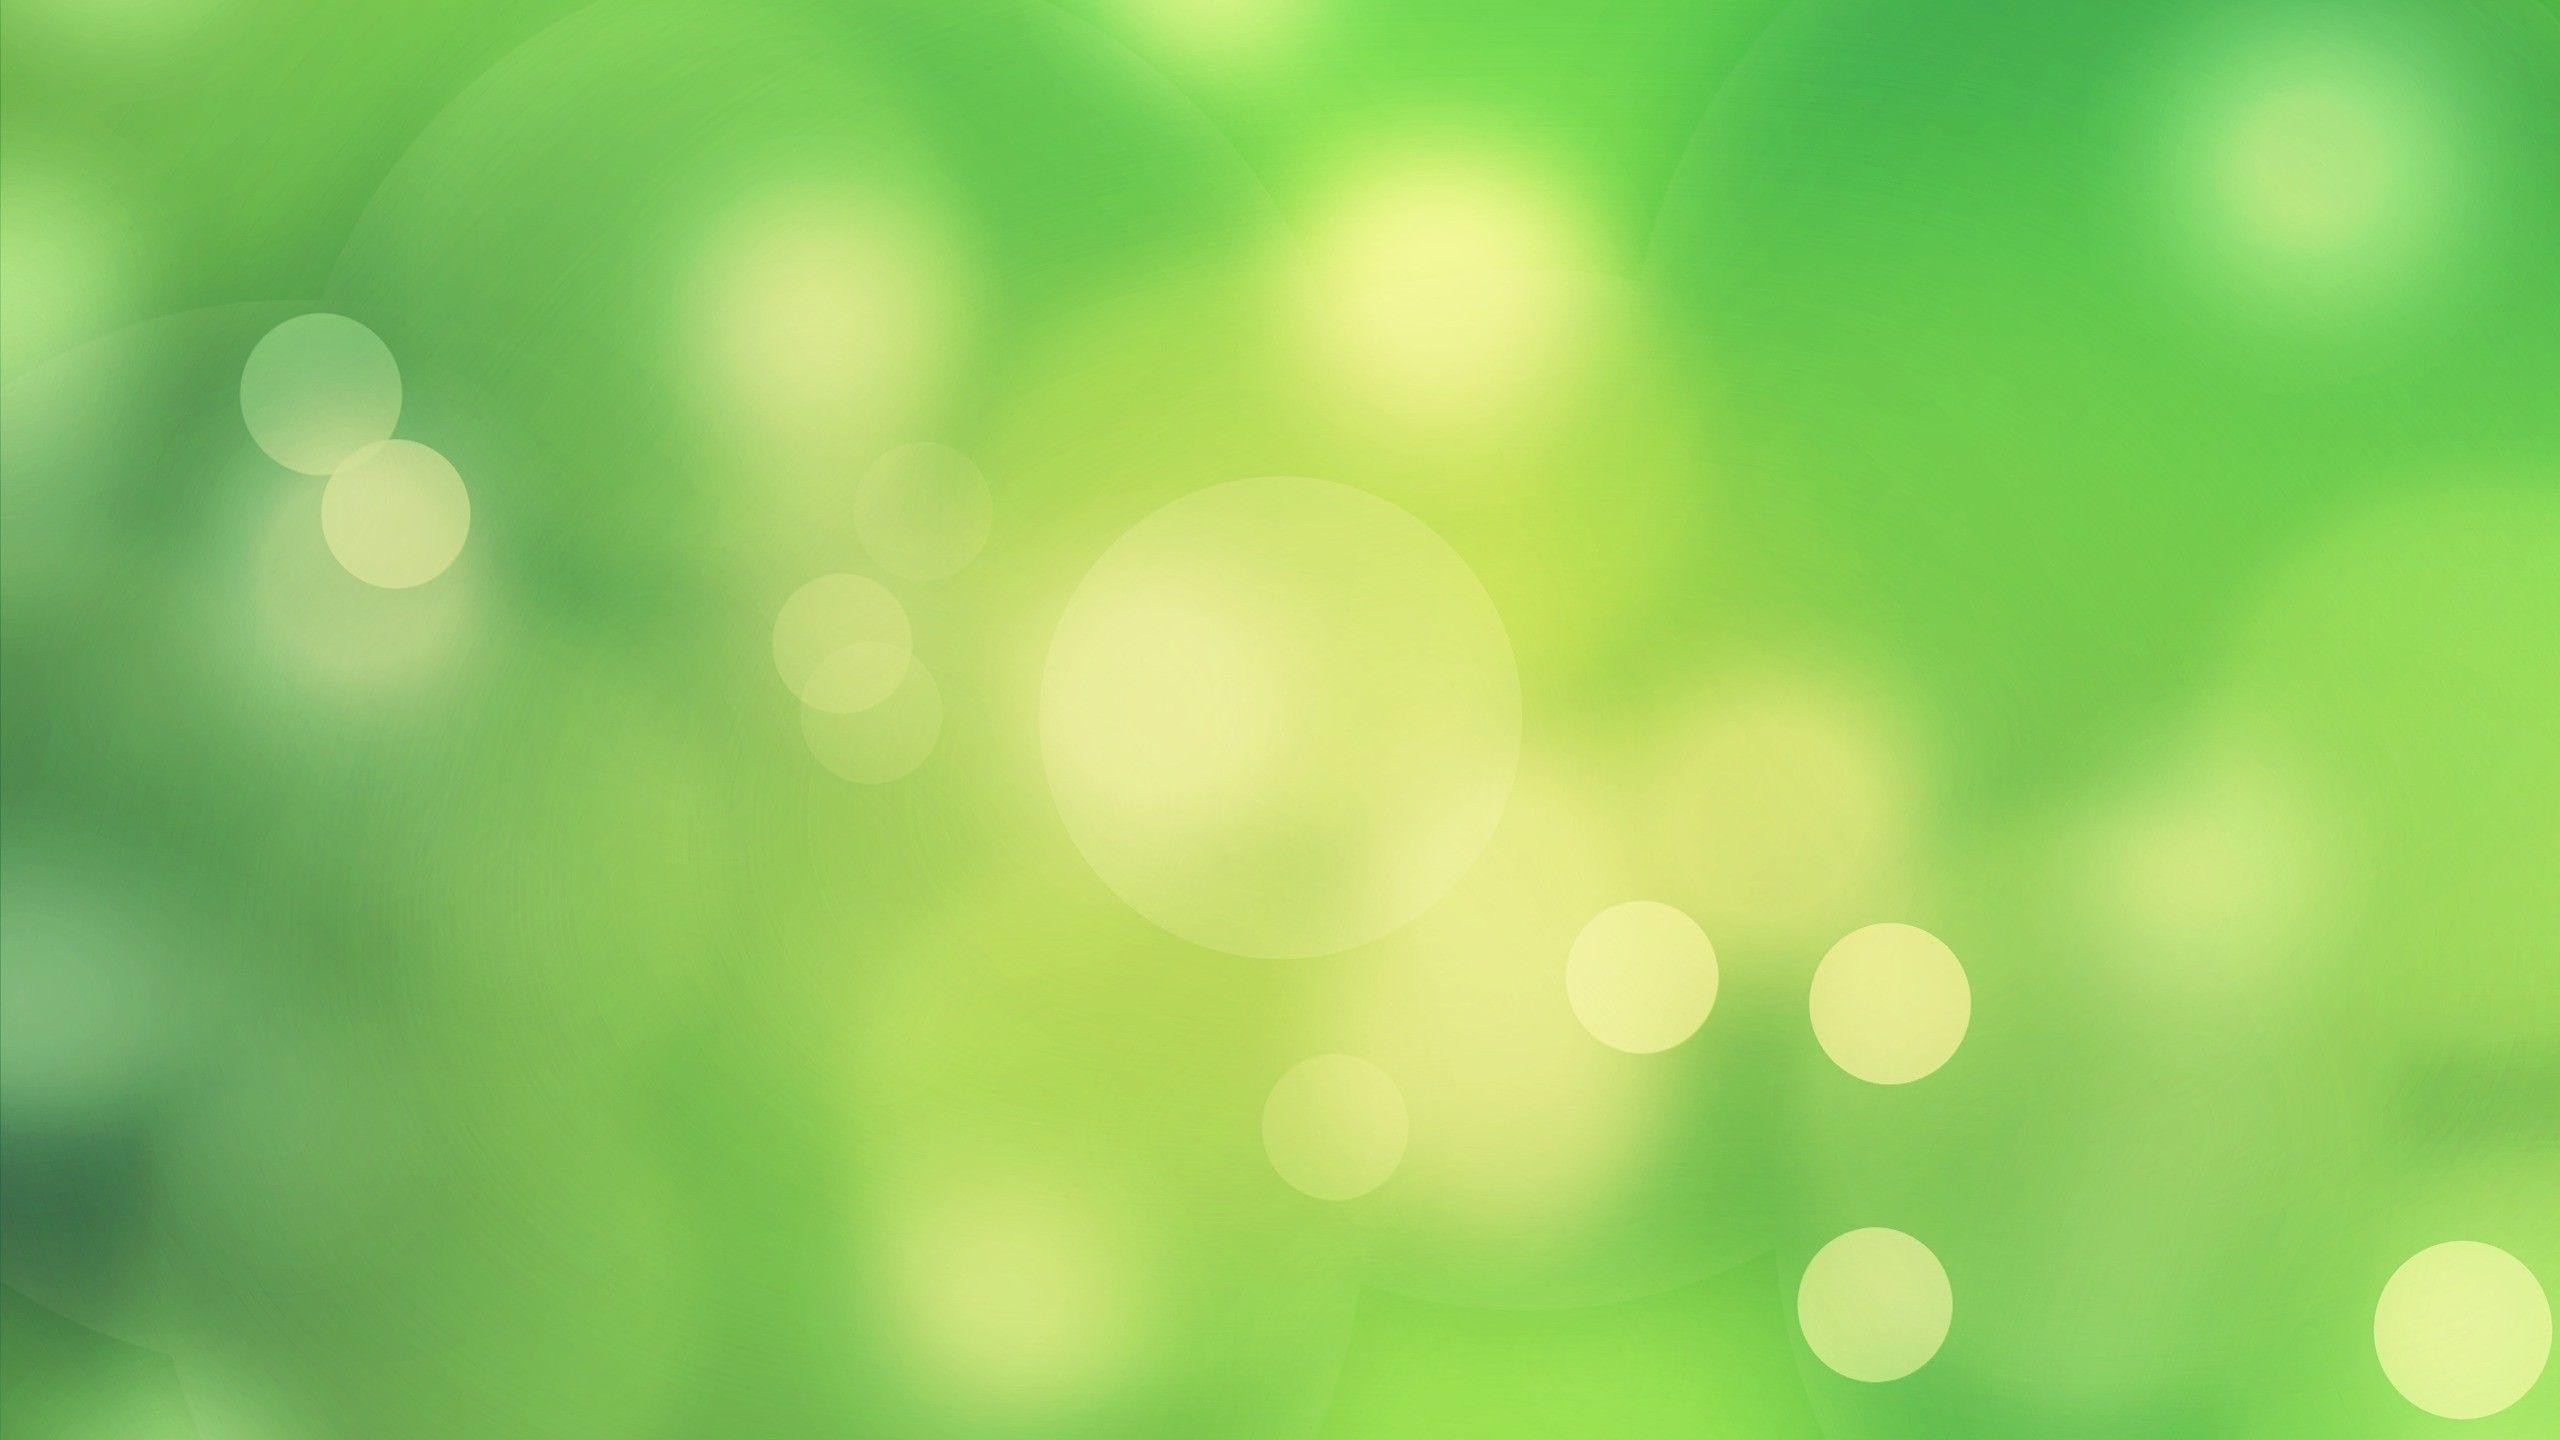 Light Green Desktop Wallpapers Top Free Light Green Desktop Backgrounds Wallpaperaccess